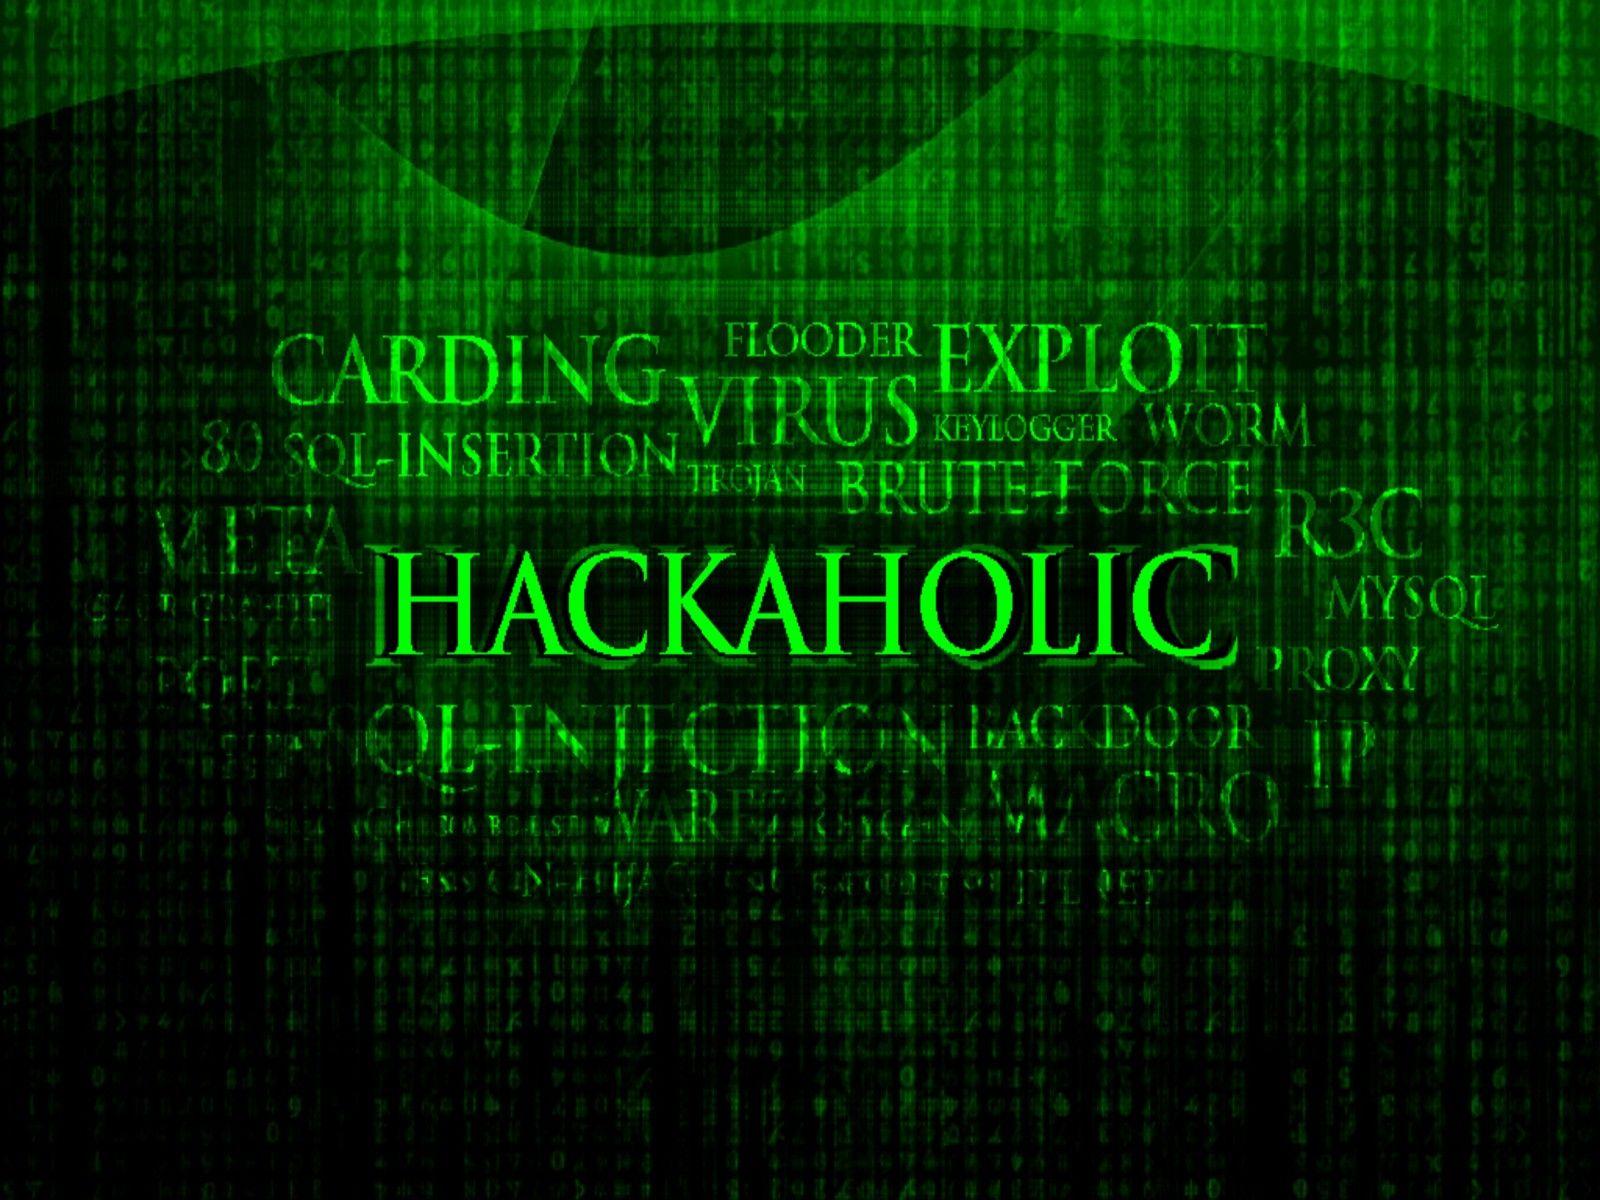 Hacker Wallpaper 30 Pictures 1600x1200